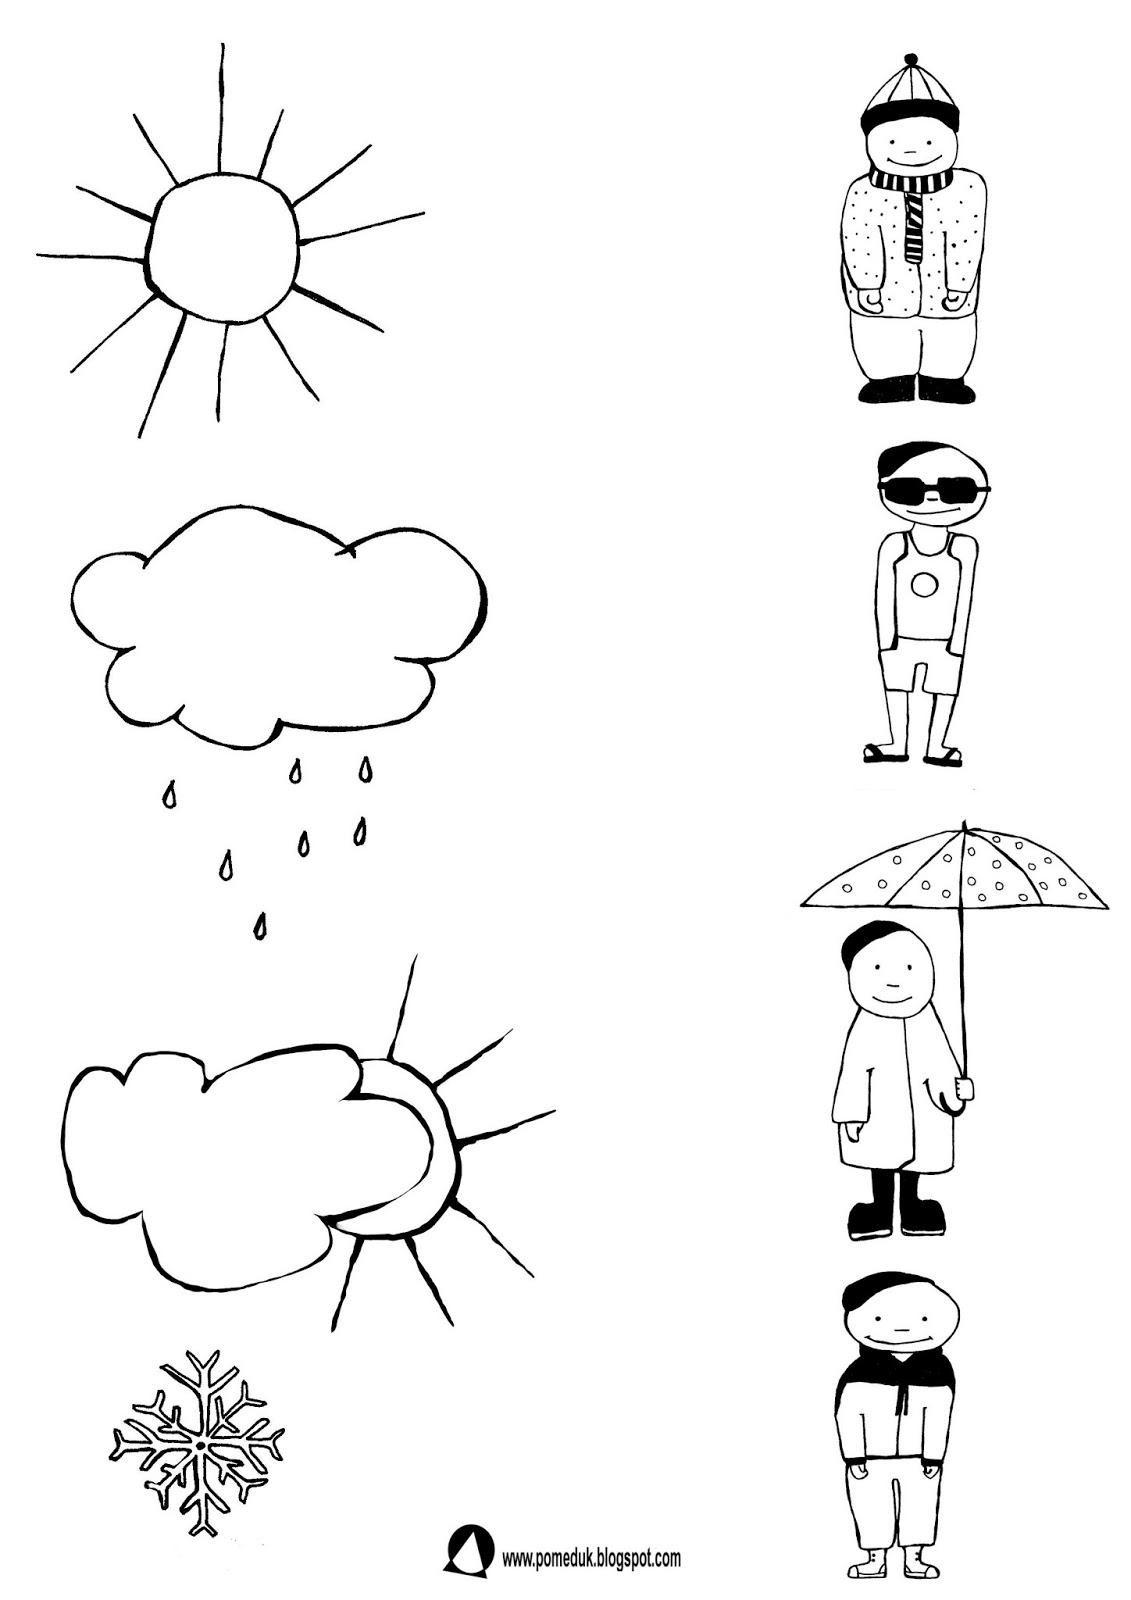 Pomeduk Dopasowanie Stroju Do Pogody